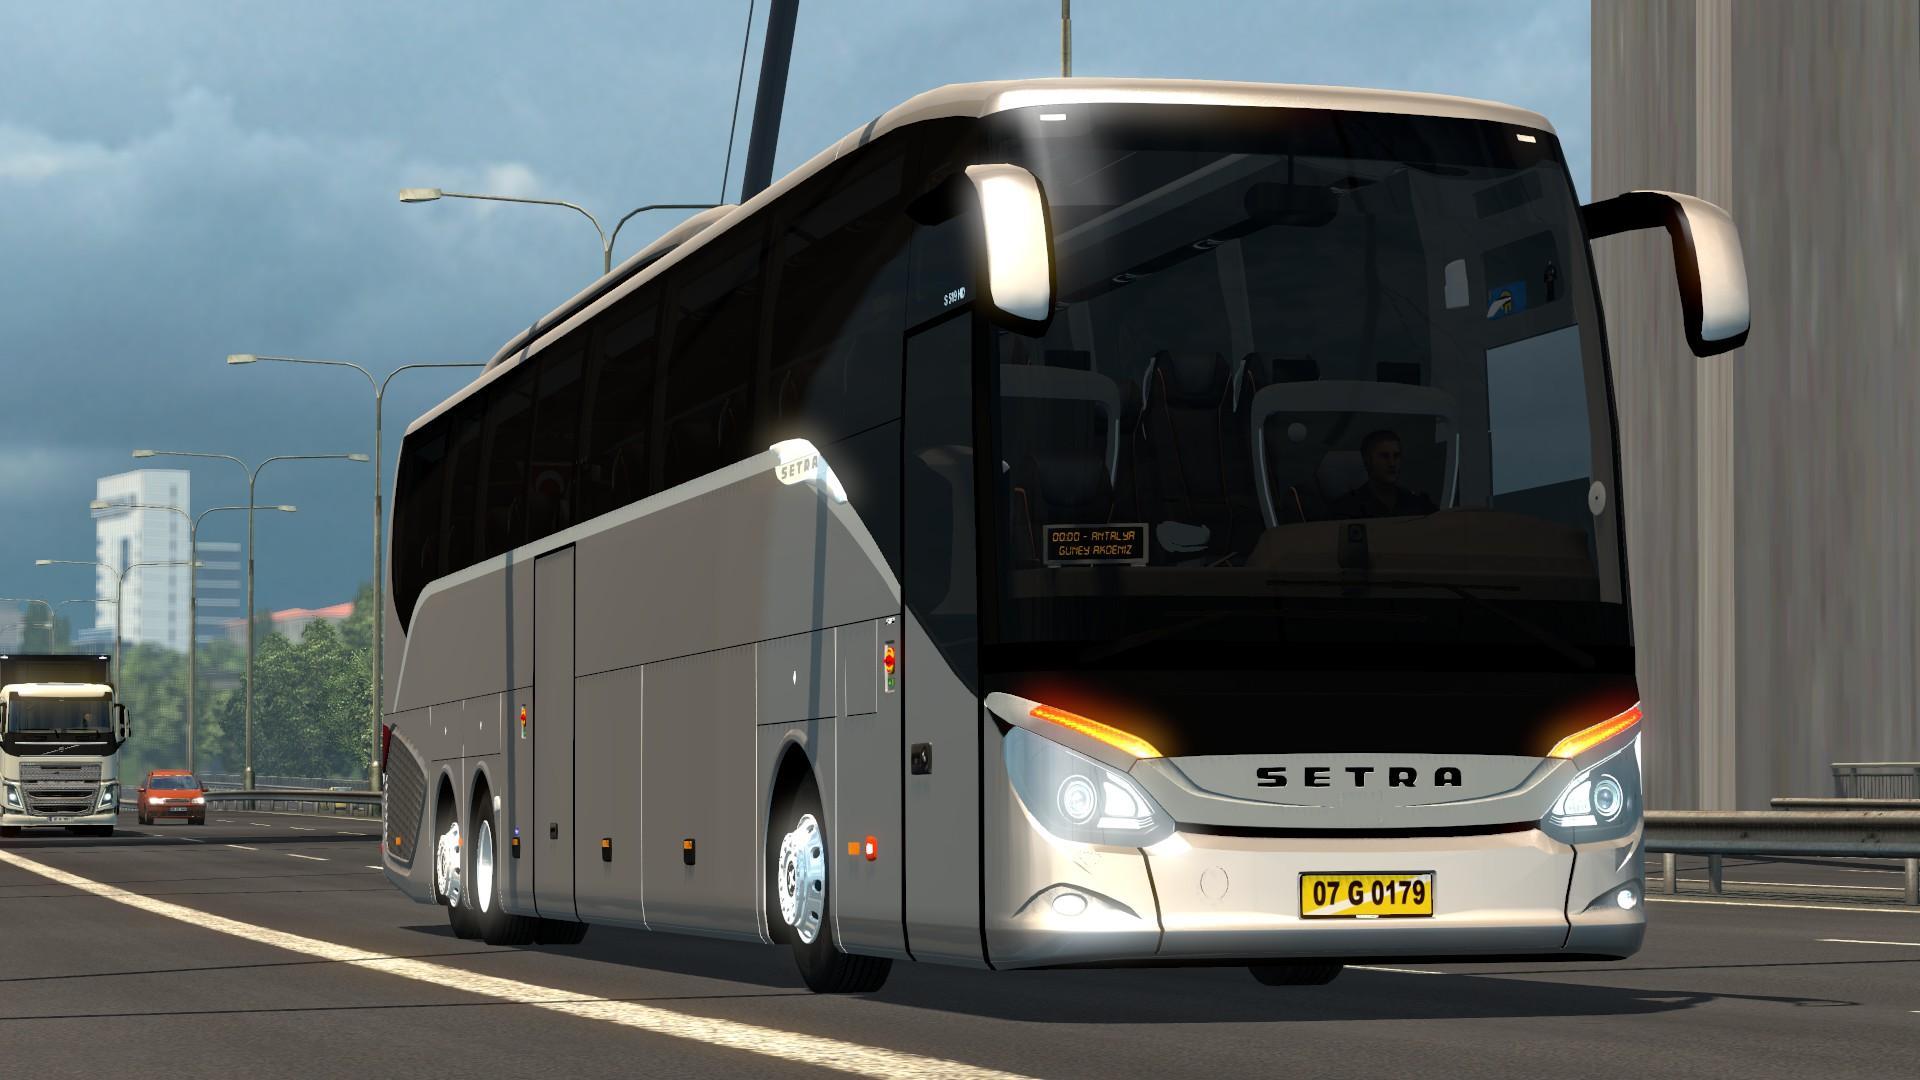 SETRA 519 HDH V3 5 1 28 X BUS MOD -Euro Truck Simulator 2 Mods